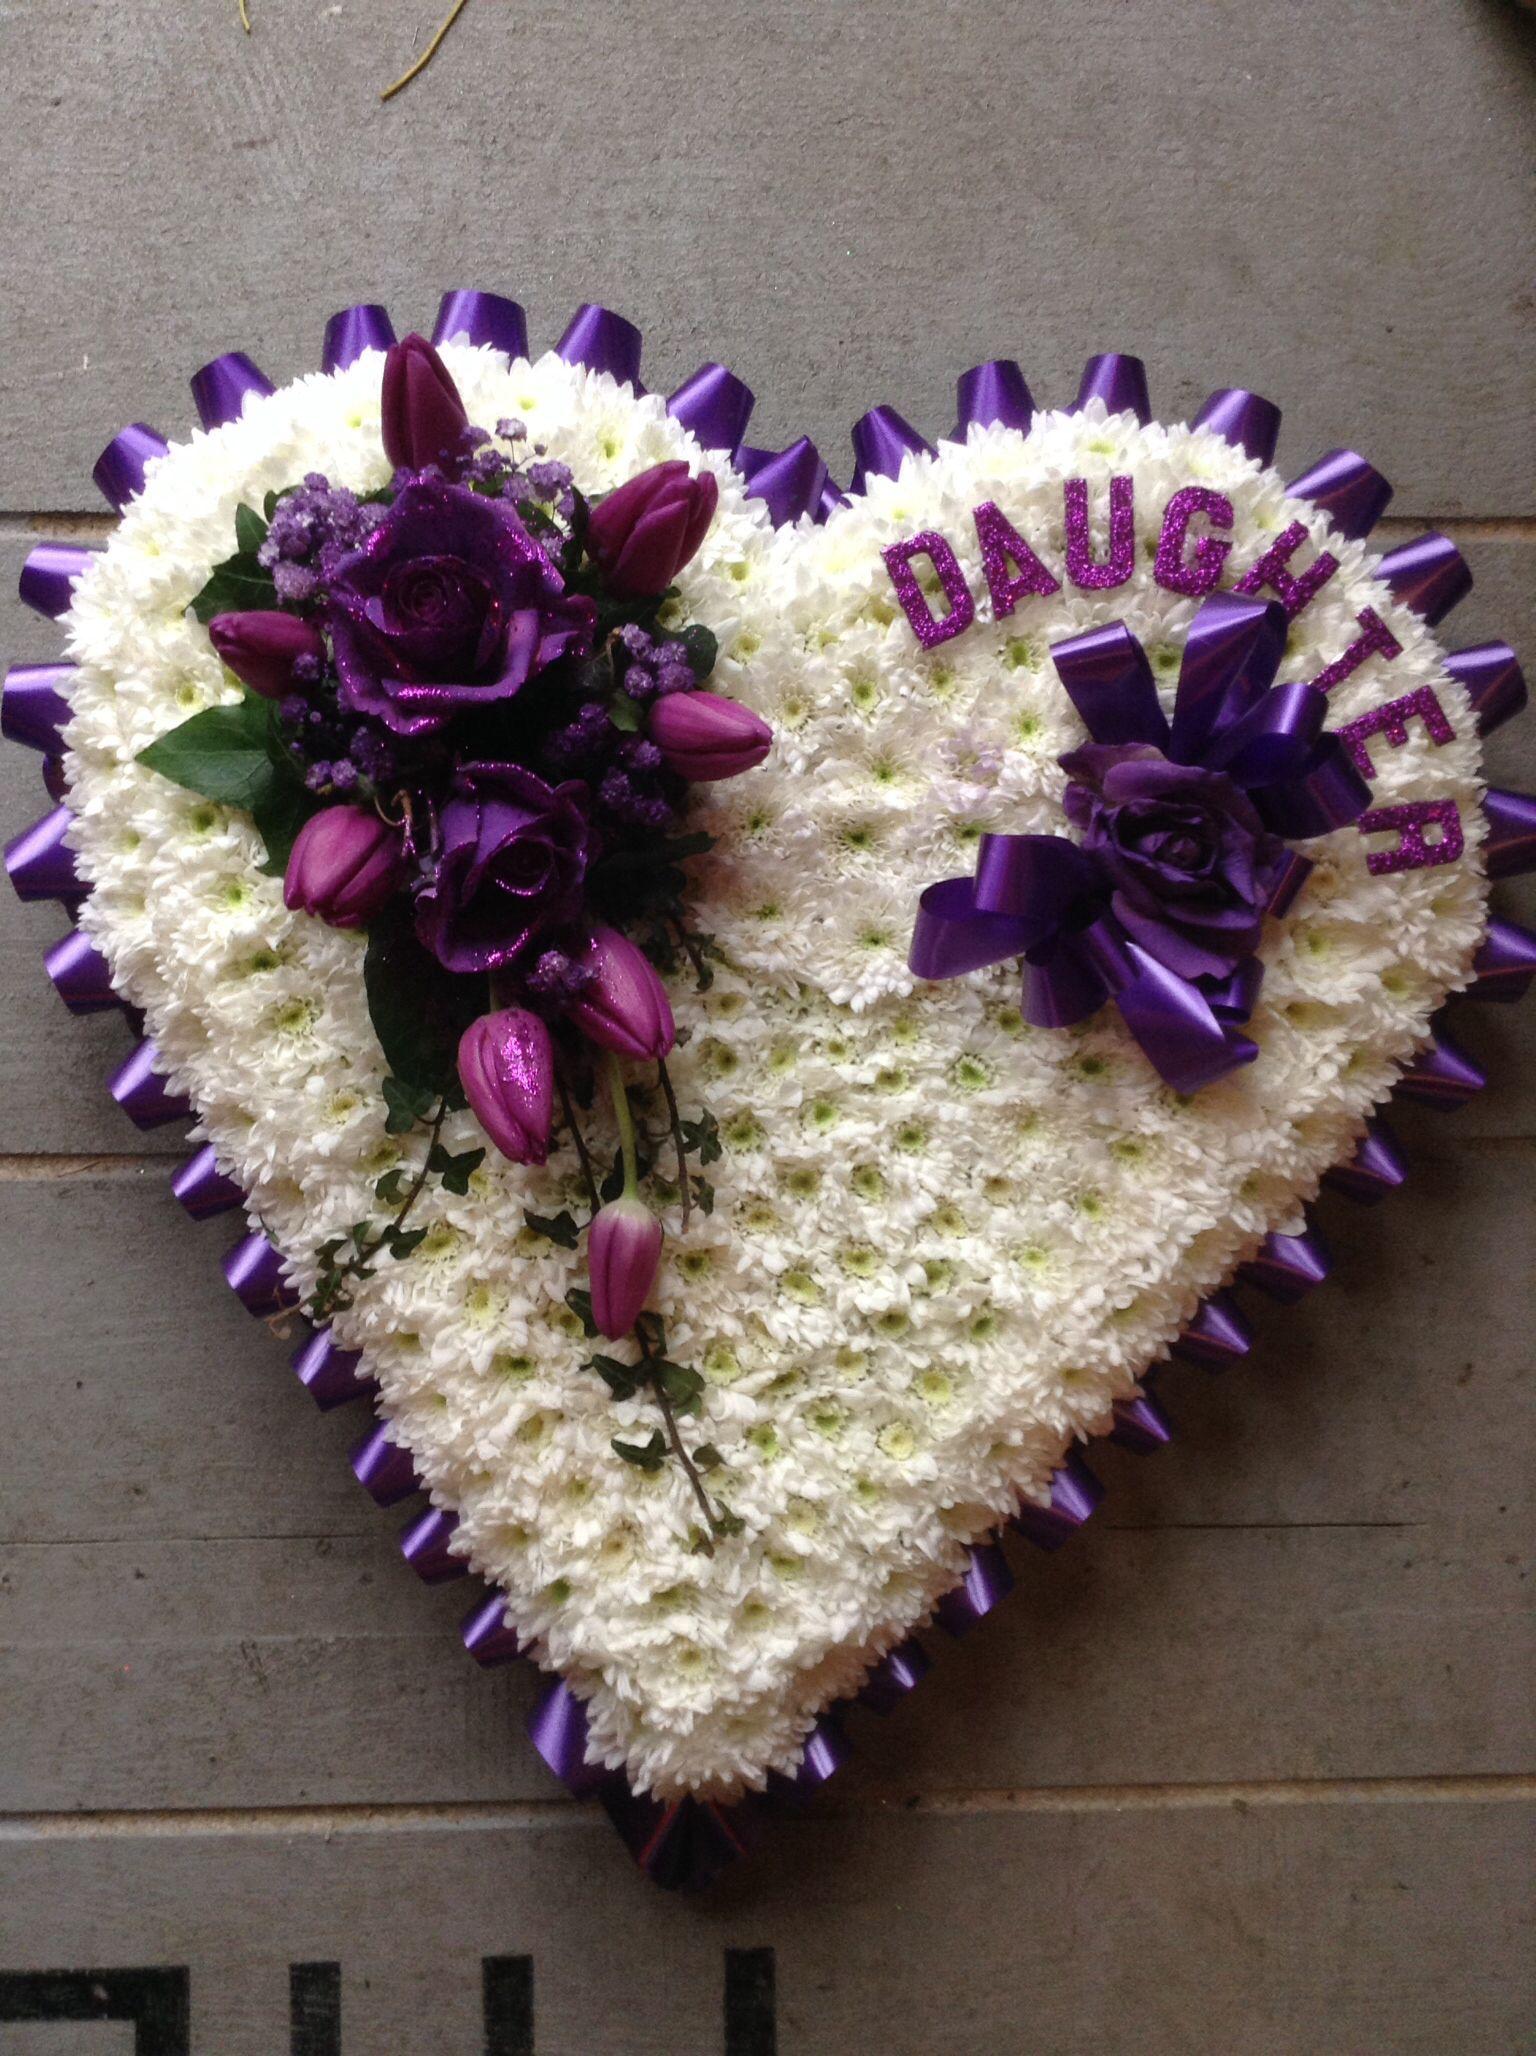 Heart Funeral Flower Tribute Cadbury Purple Flowers Daughter